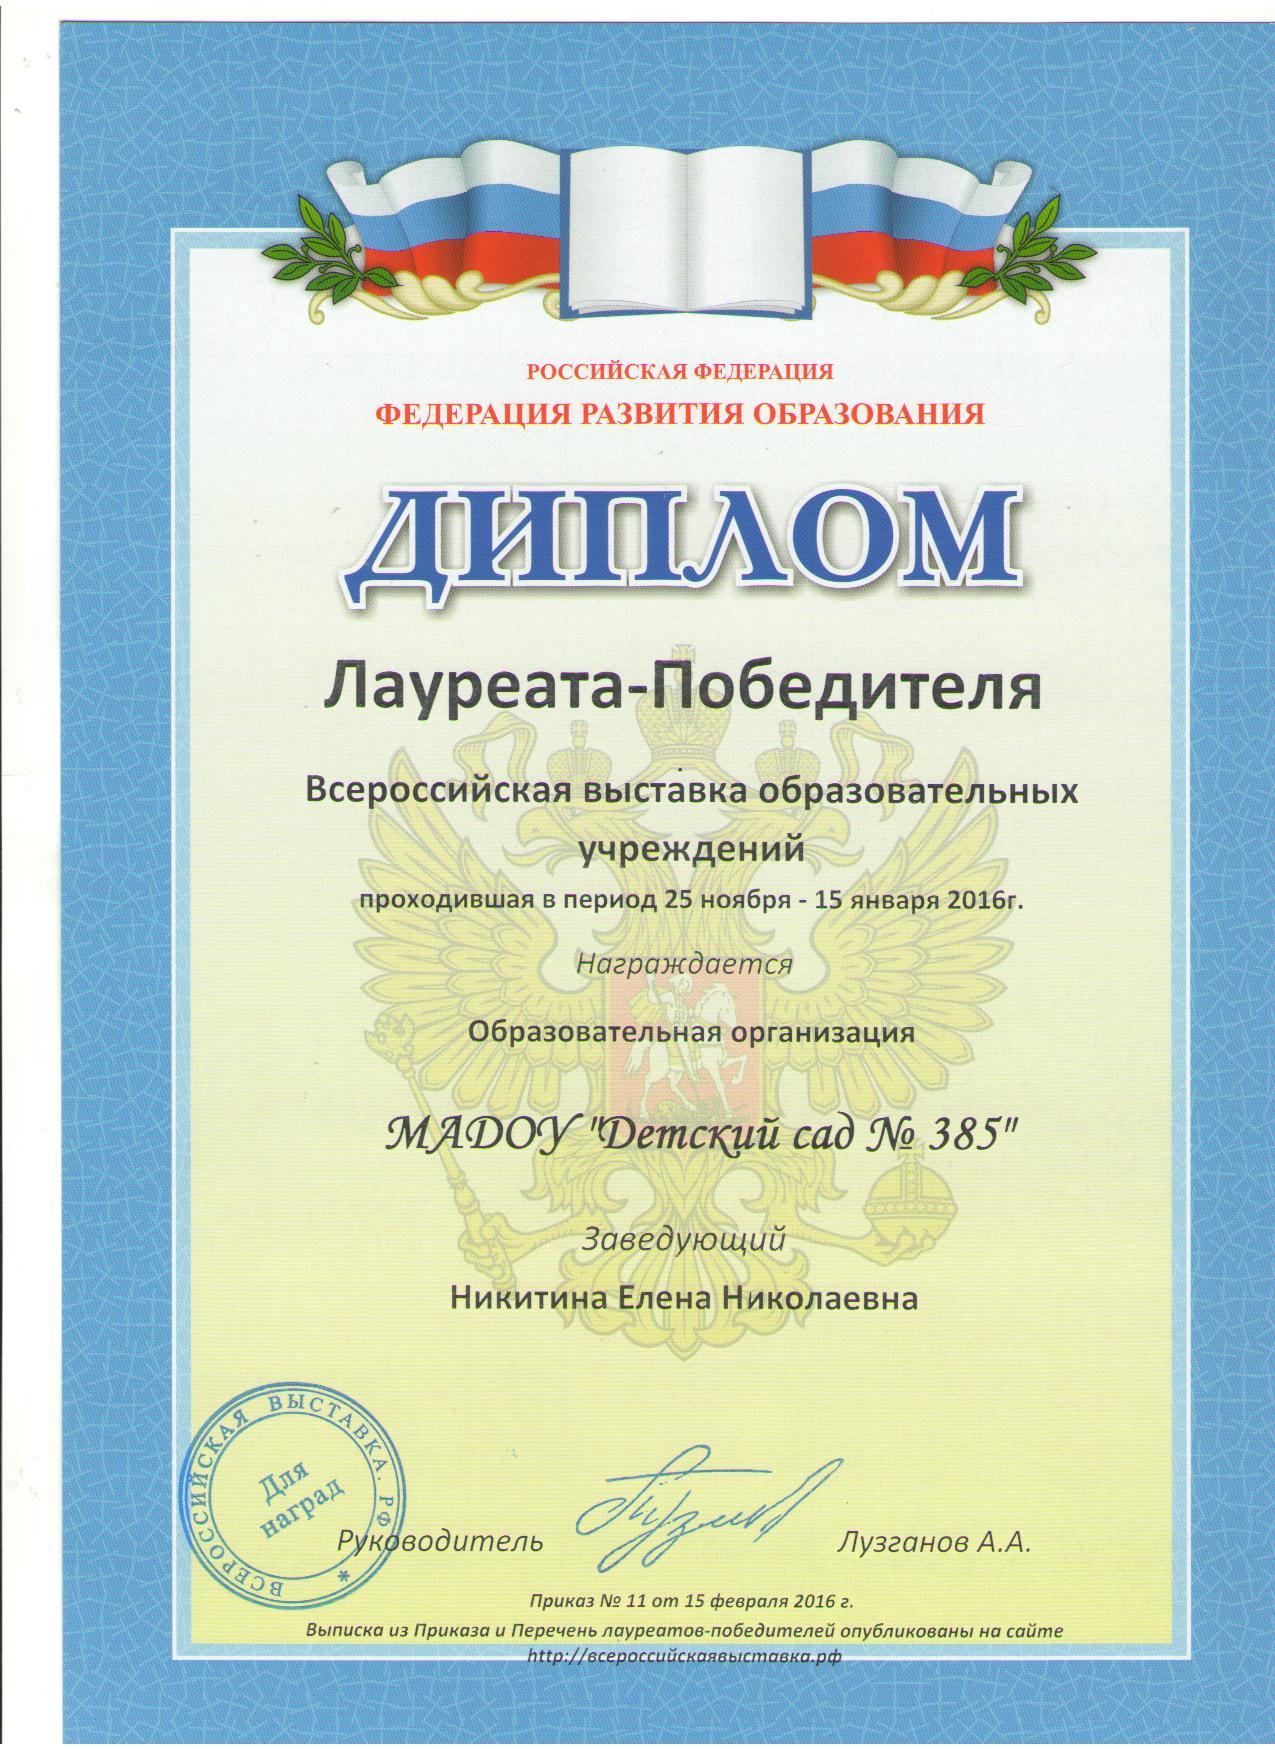 Отчет по повышению квалификации работников ДОО 011